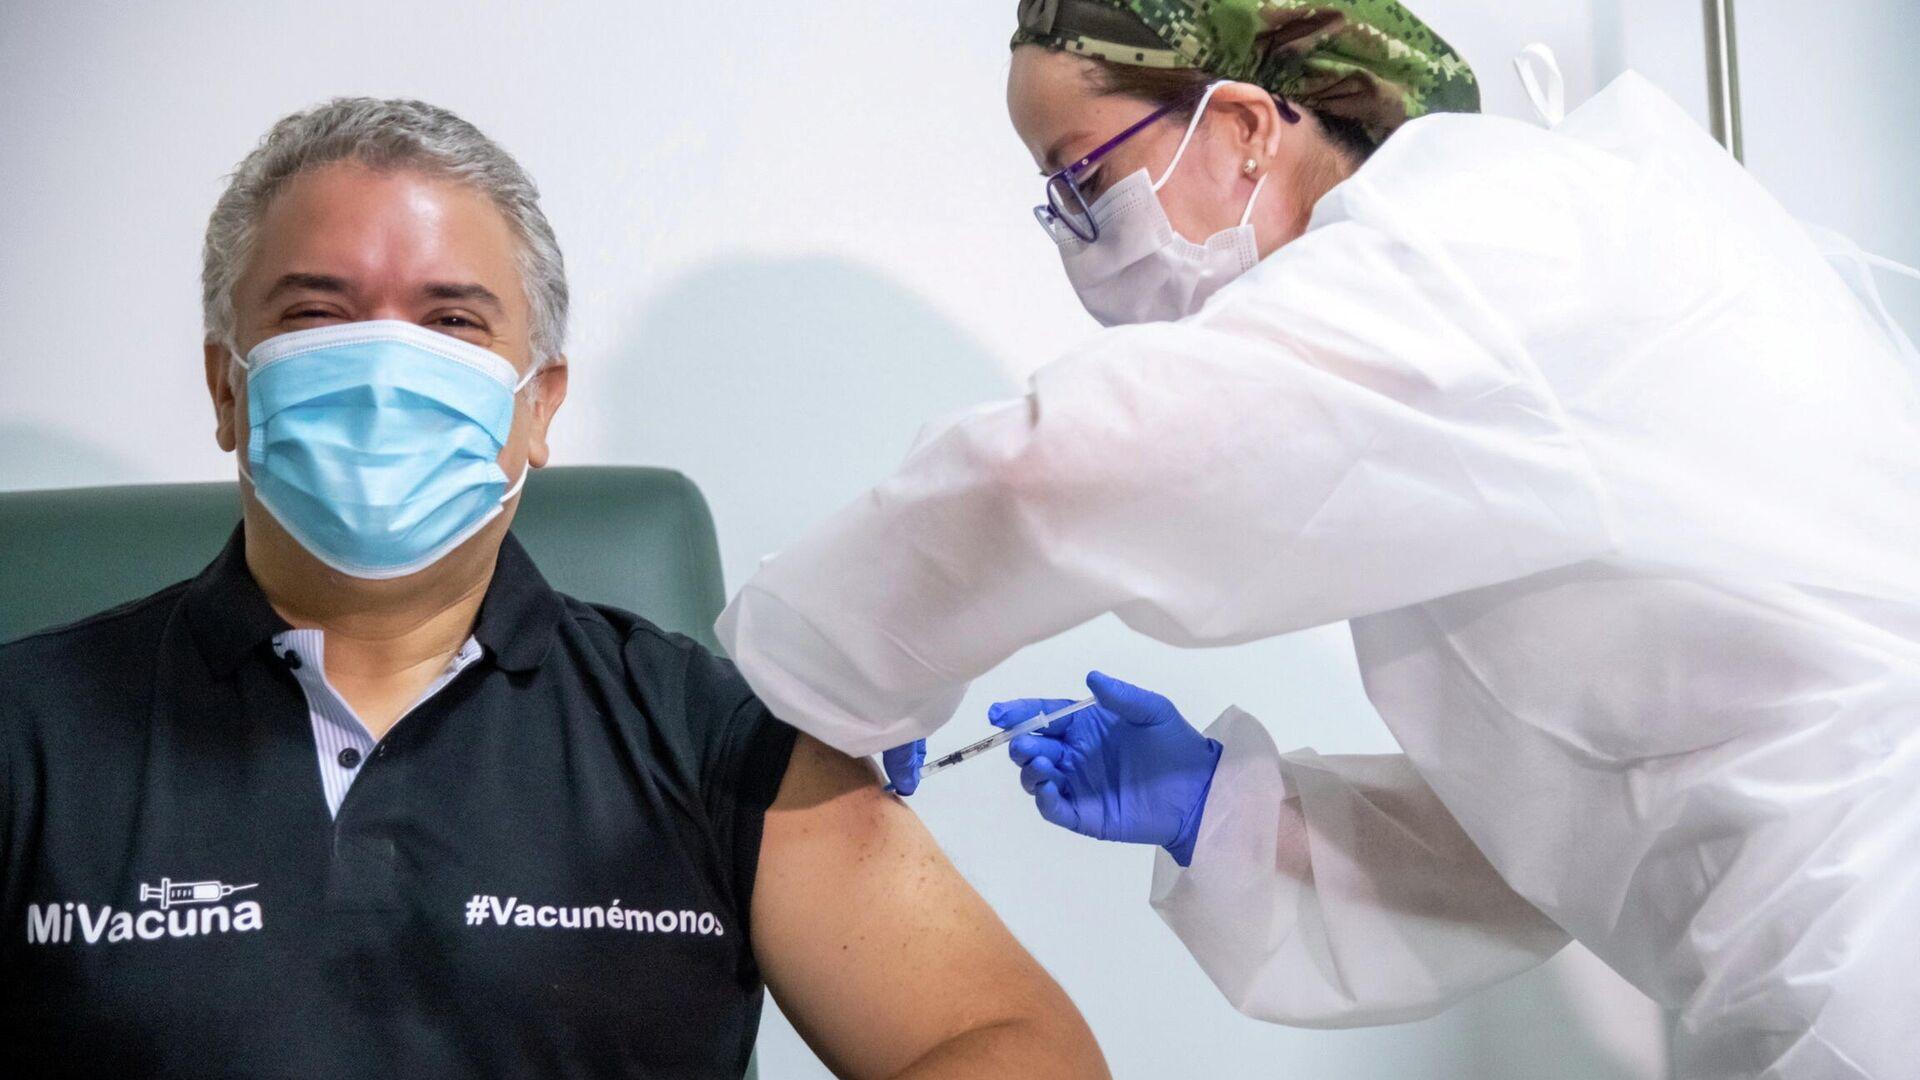 Iván Duque, presidente de Colombia recibe la vacuna contra el coronavirus - Sputnik Mundo, 1920, 13.06.2021